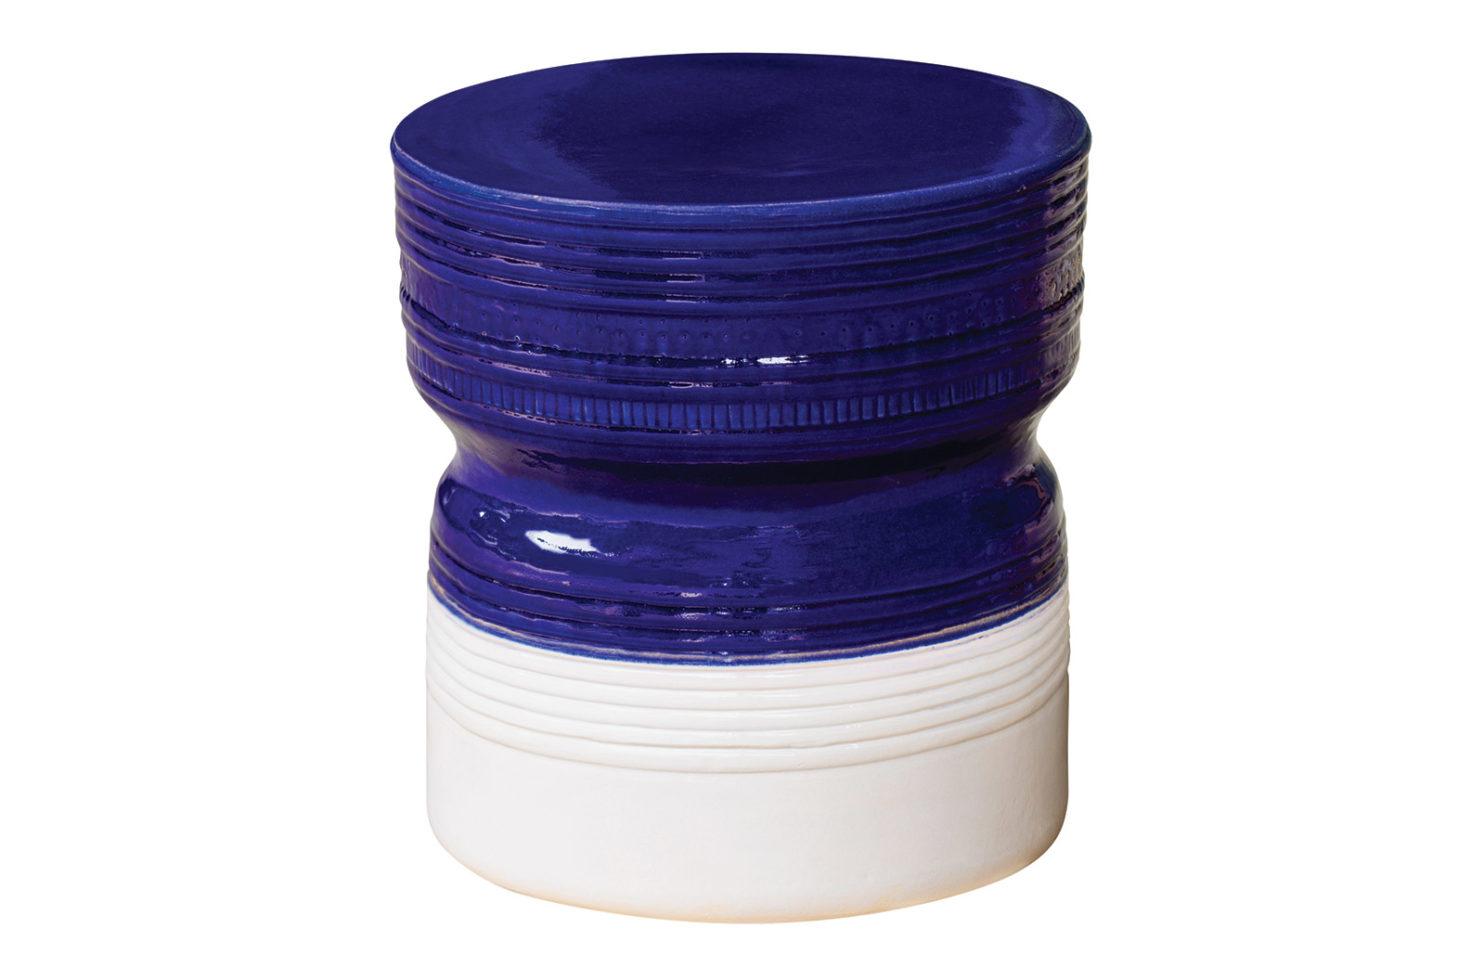 Ceramic ancaris stool 308FT342P2NBSW